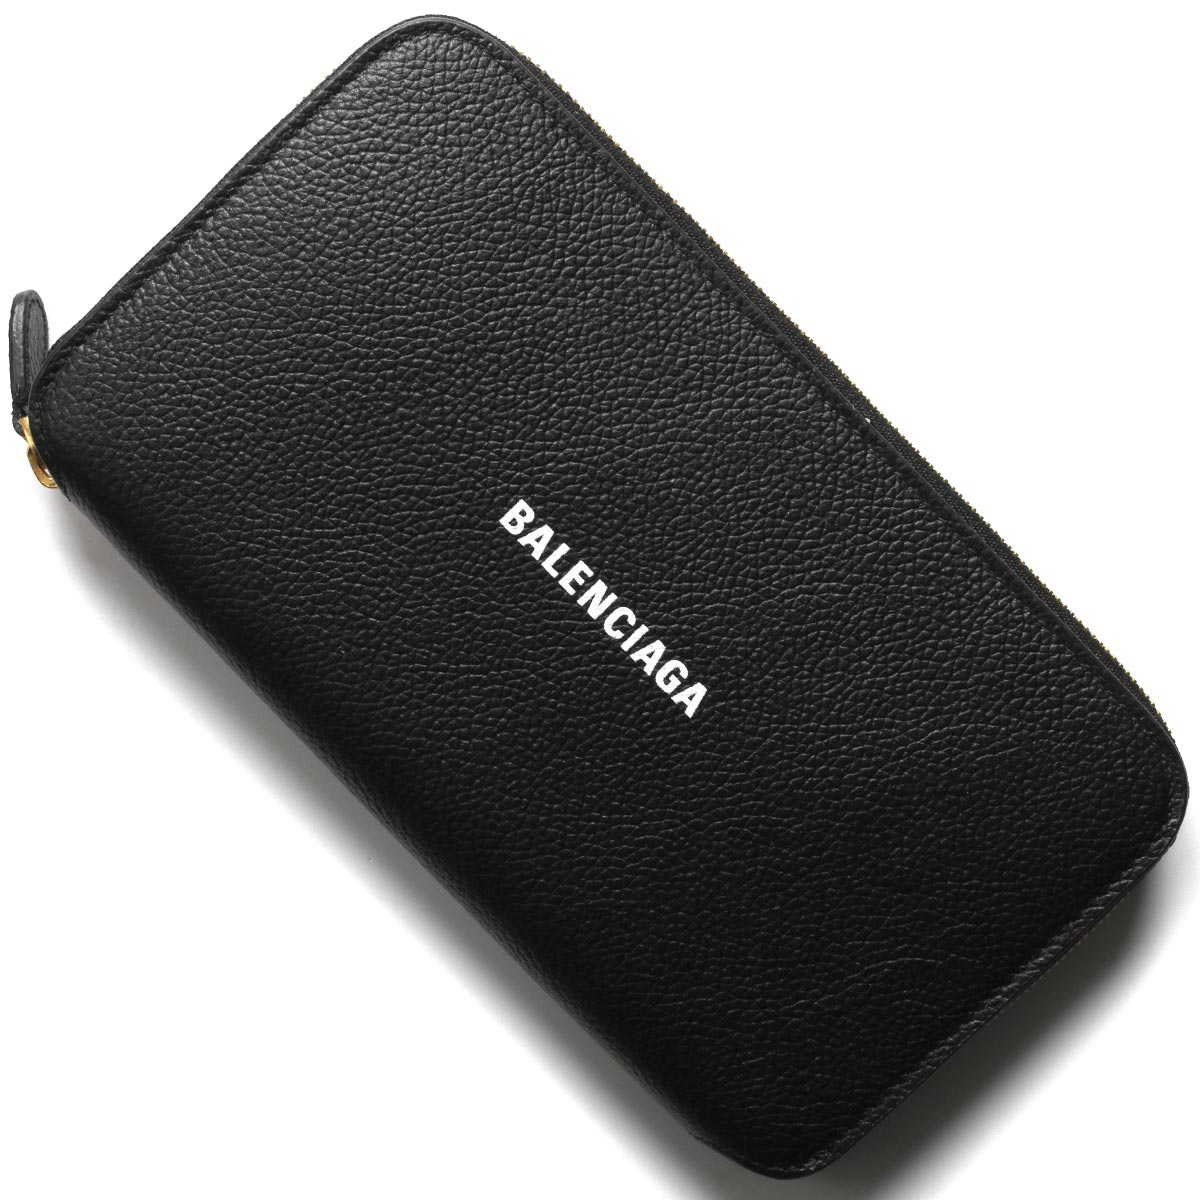 バレンシアガ 長財布 財布 メンズ レディース キャッシュ ブラック&ブランホワイト 594290 1IZ4M 1090 BALENCIAGA